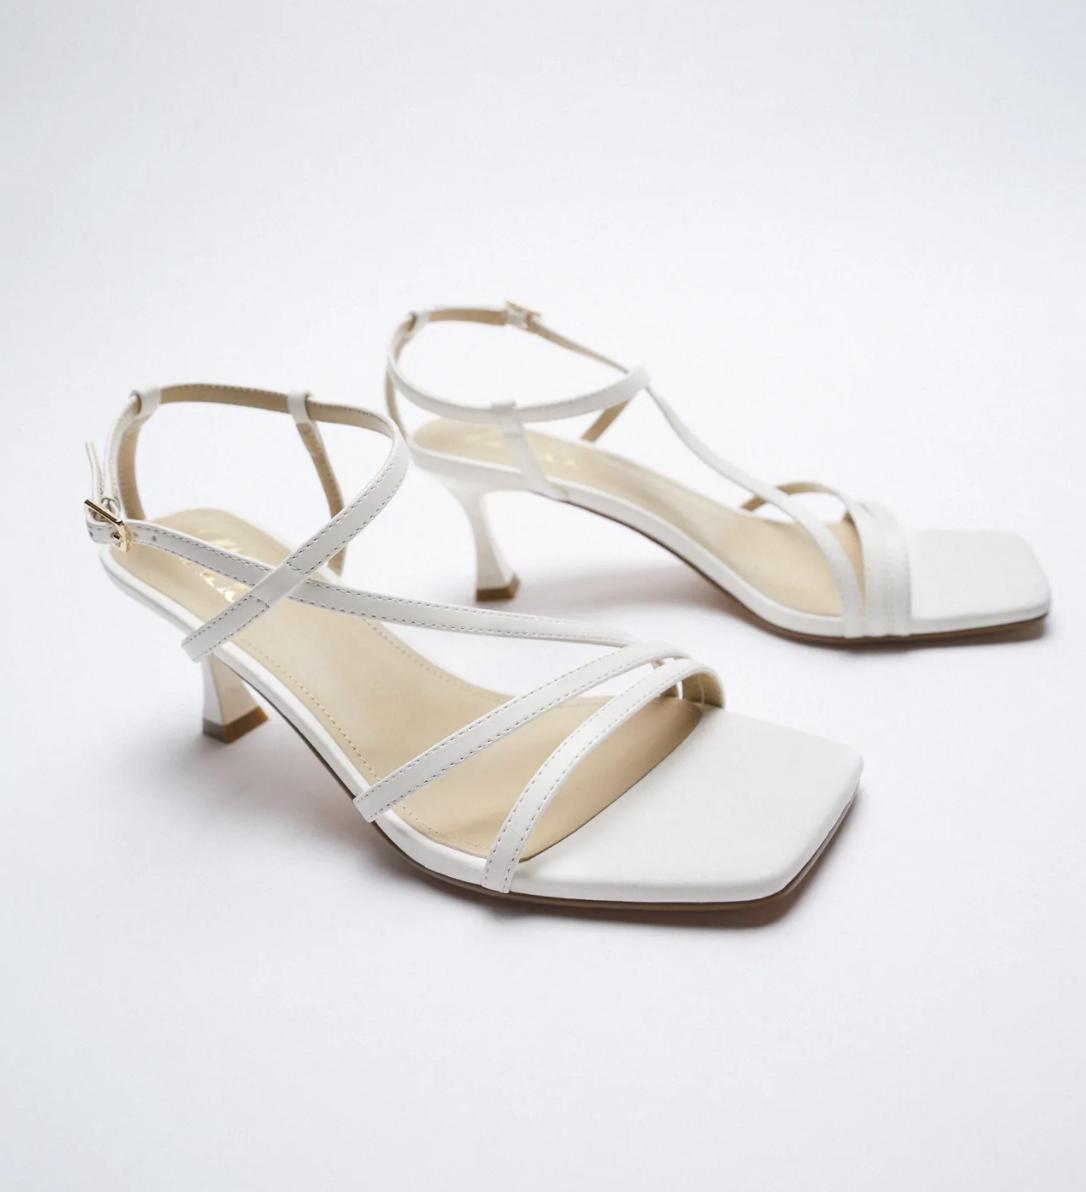 Mẫu sandals khiến Hà Trúc mê mẩn mua gần chục đôi đi dần: Chị em dễ dàng copy hoặc sắm mẫu na ná chỉ vài trăm nghìn - ảnh 18